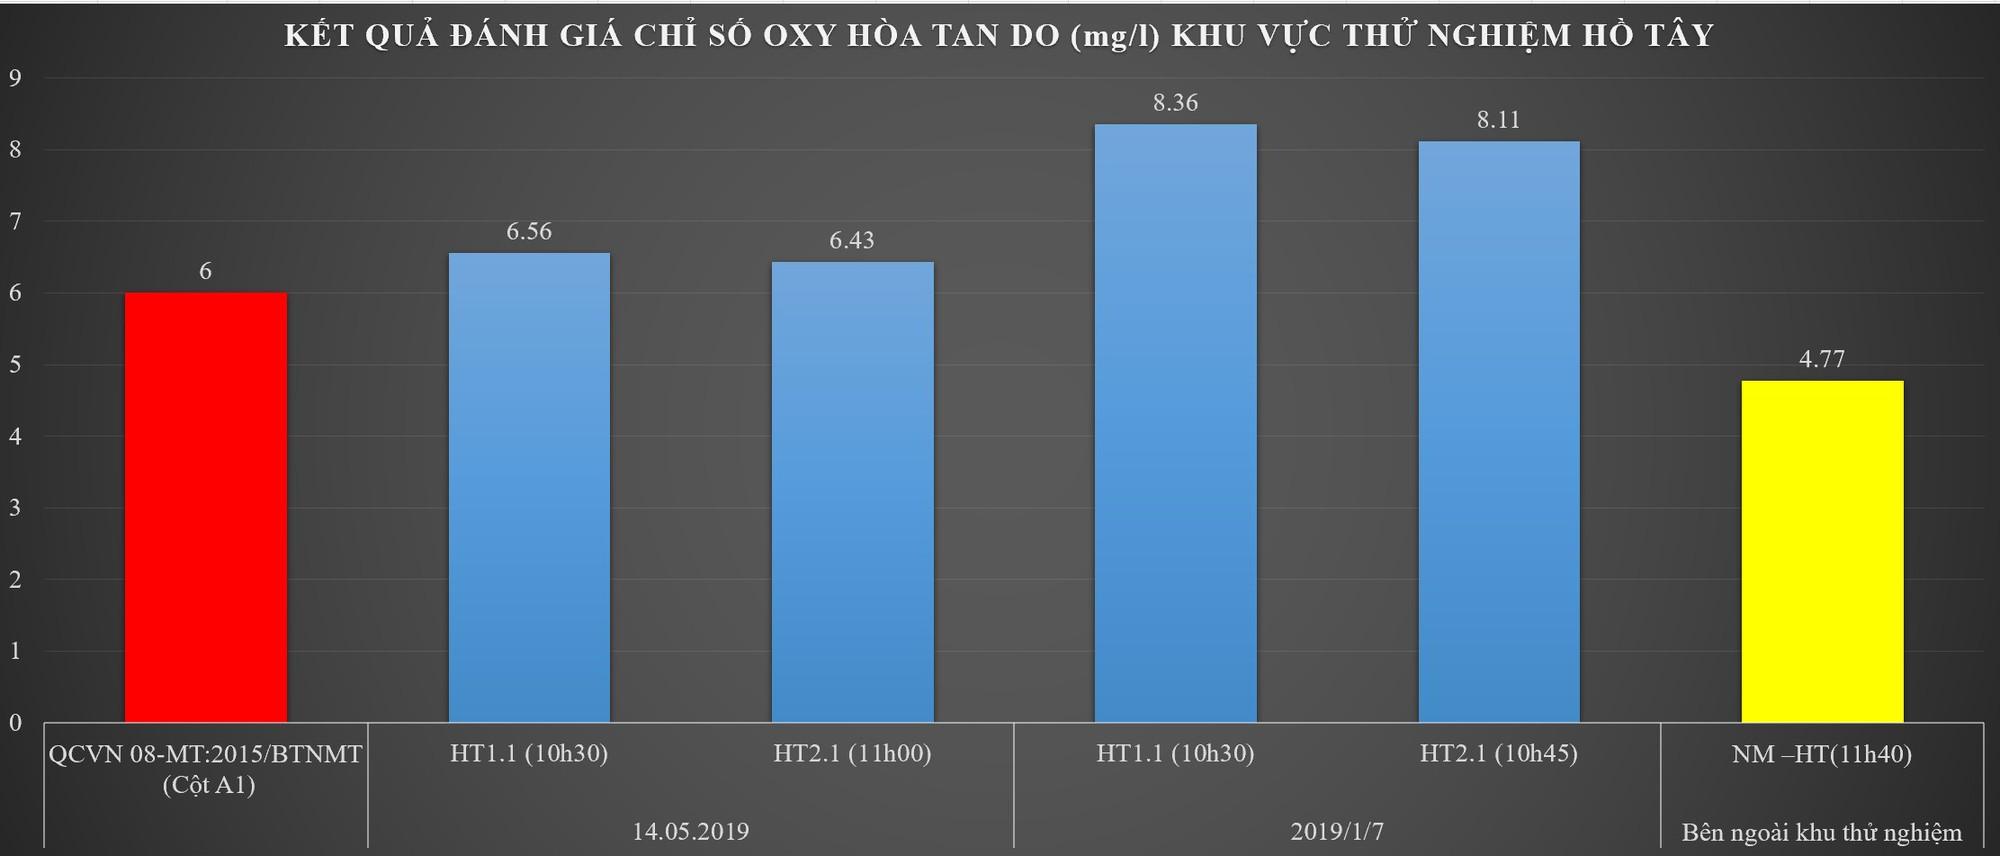 [Hồ Tây]-Hình 5 Đồ thị biểu thị hàm lượng oxy hòa tan DO tăng cao đạt cột A1-QCVN08